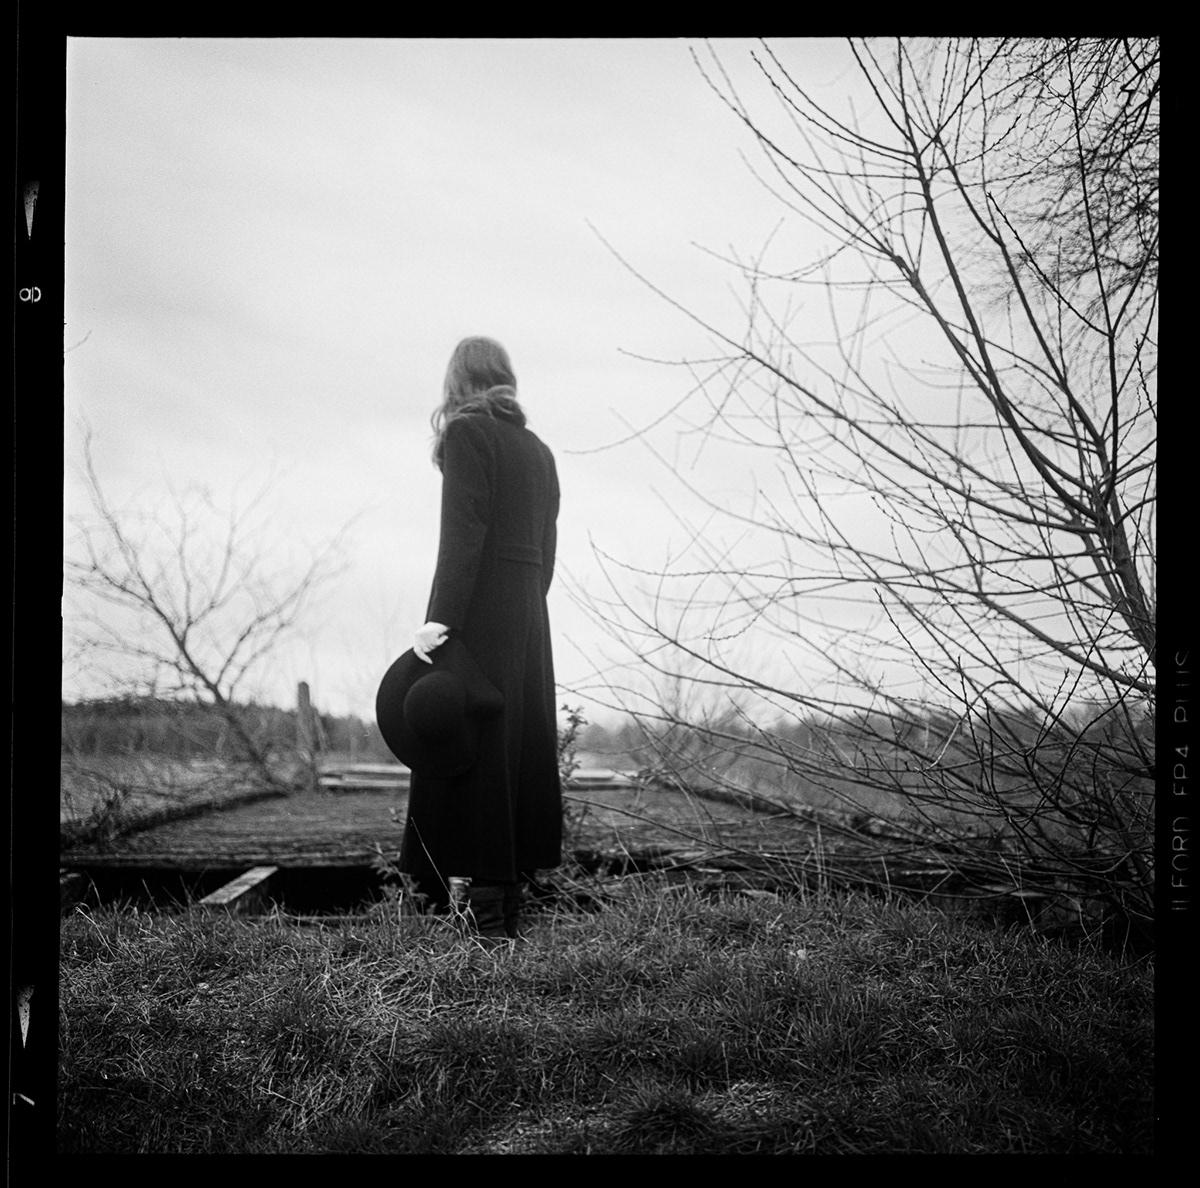 analog blackandwhite dark fotografie mood Photography  rolleiflex Schwarzweiß vintage wood